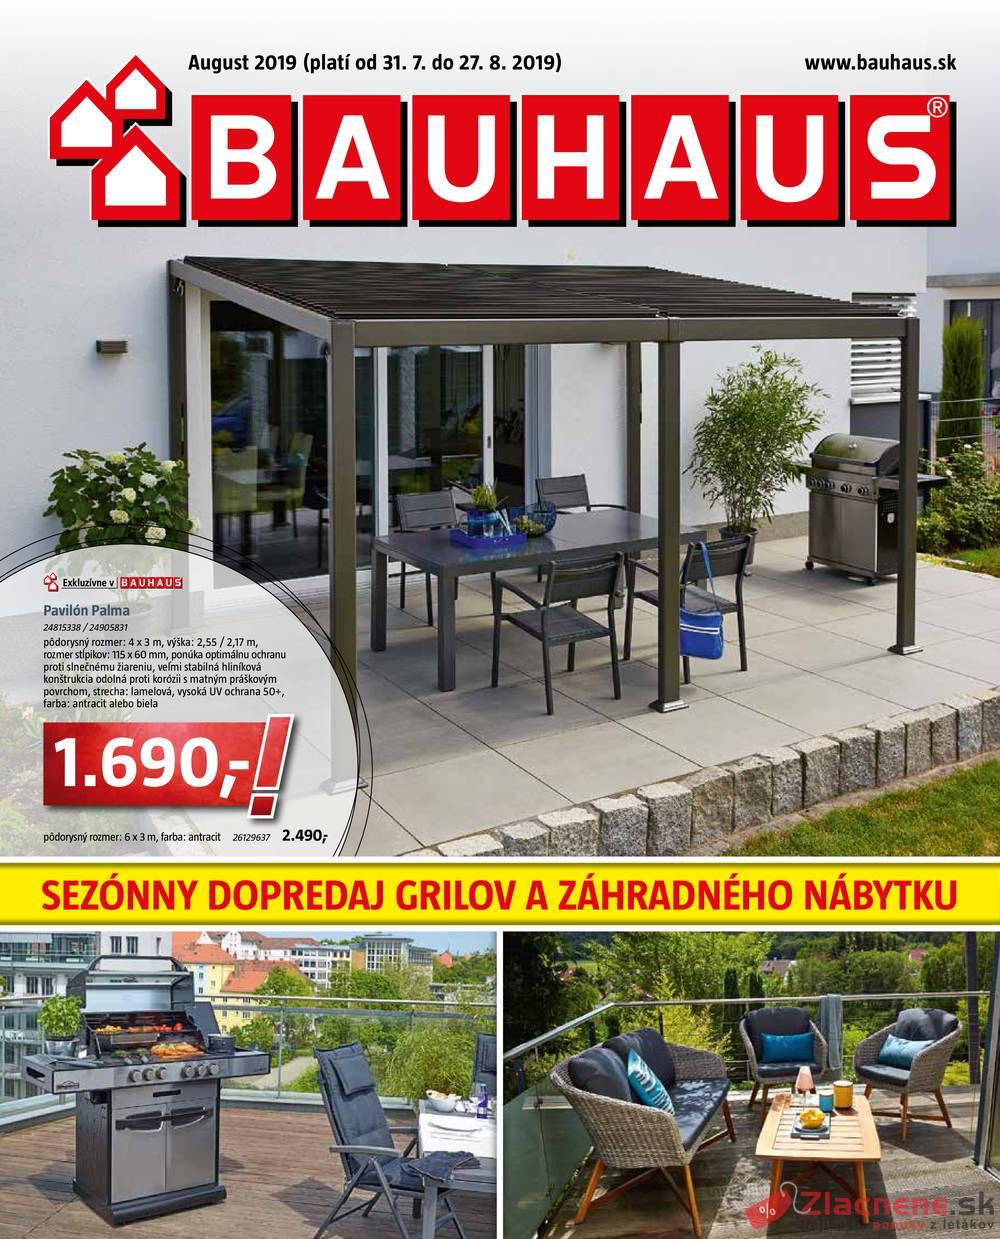 Leták Bauhaus - Bauhaus od 31.7. do 27.8.2019 - strana 1